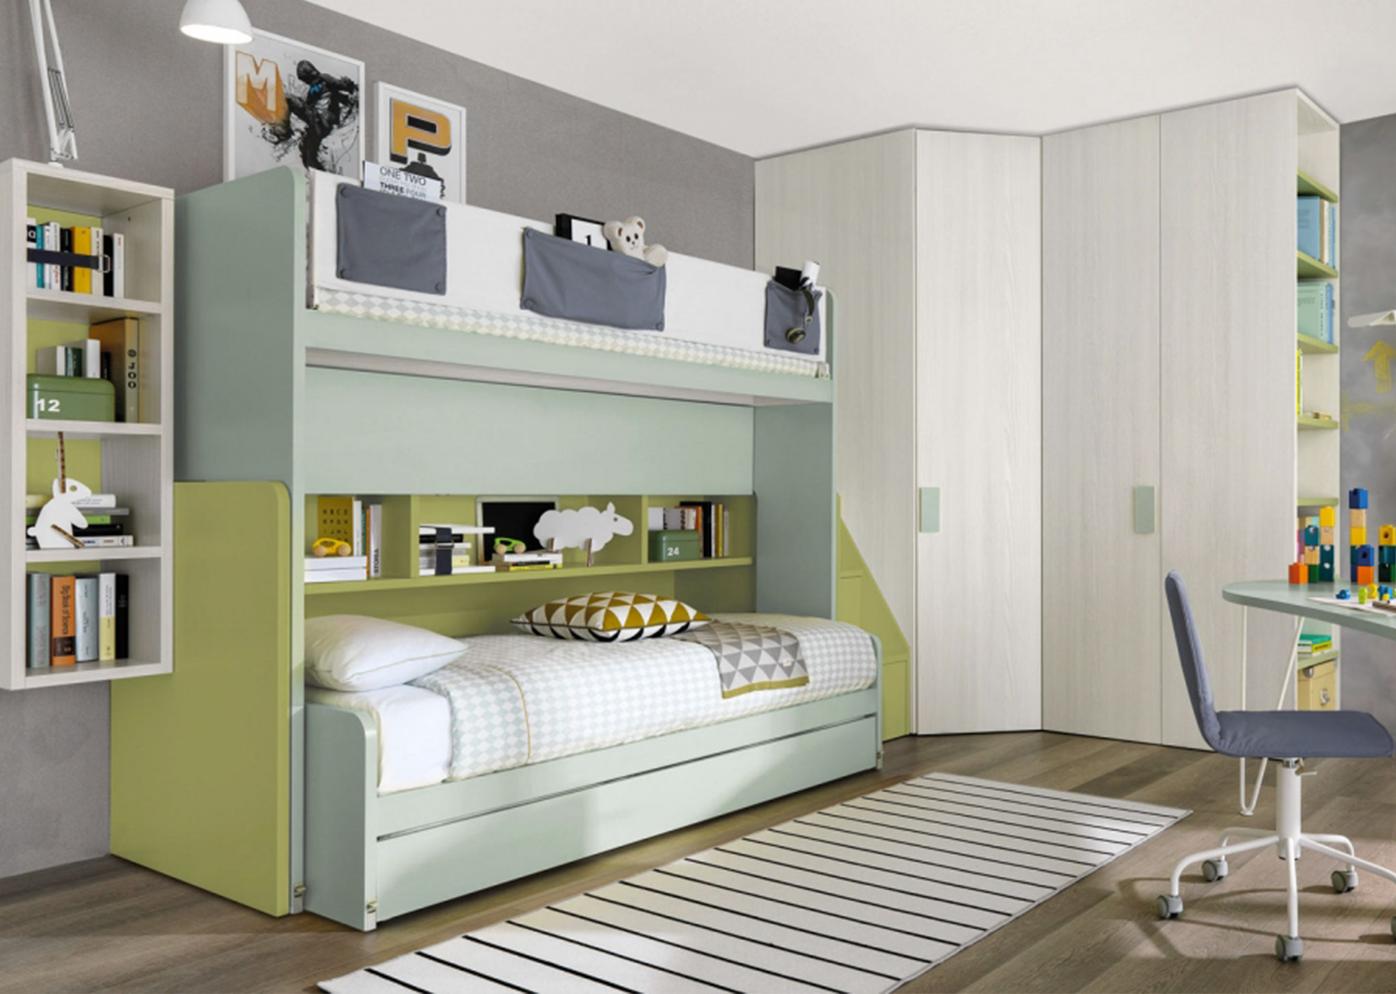 Stanze Da Letto Per Ragazzi : Camera da letto per ragazzi habitat casa